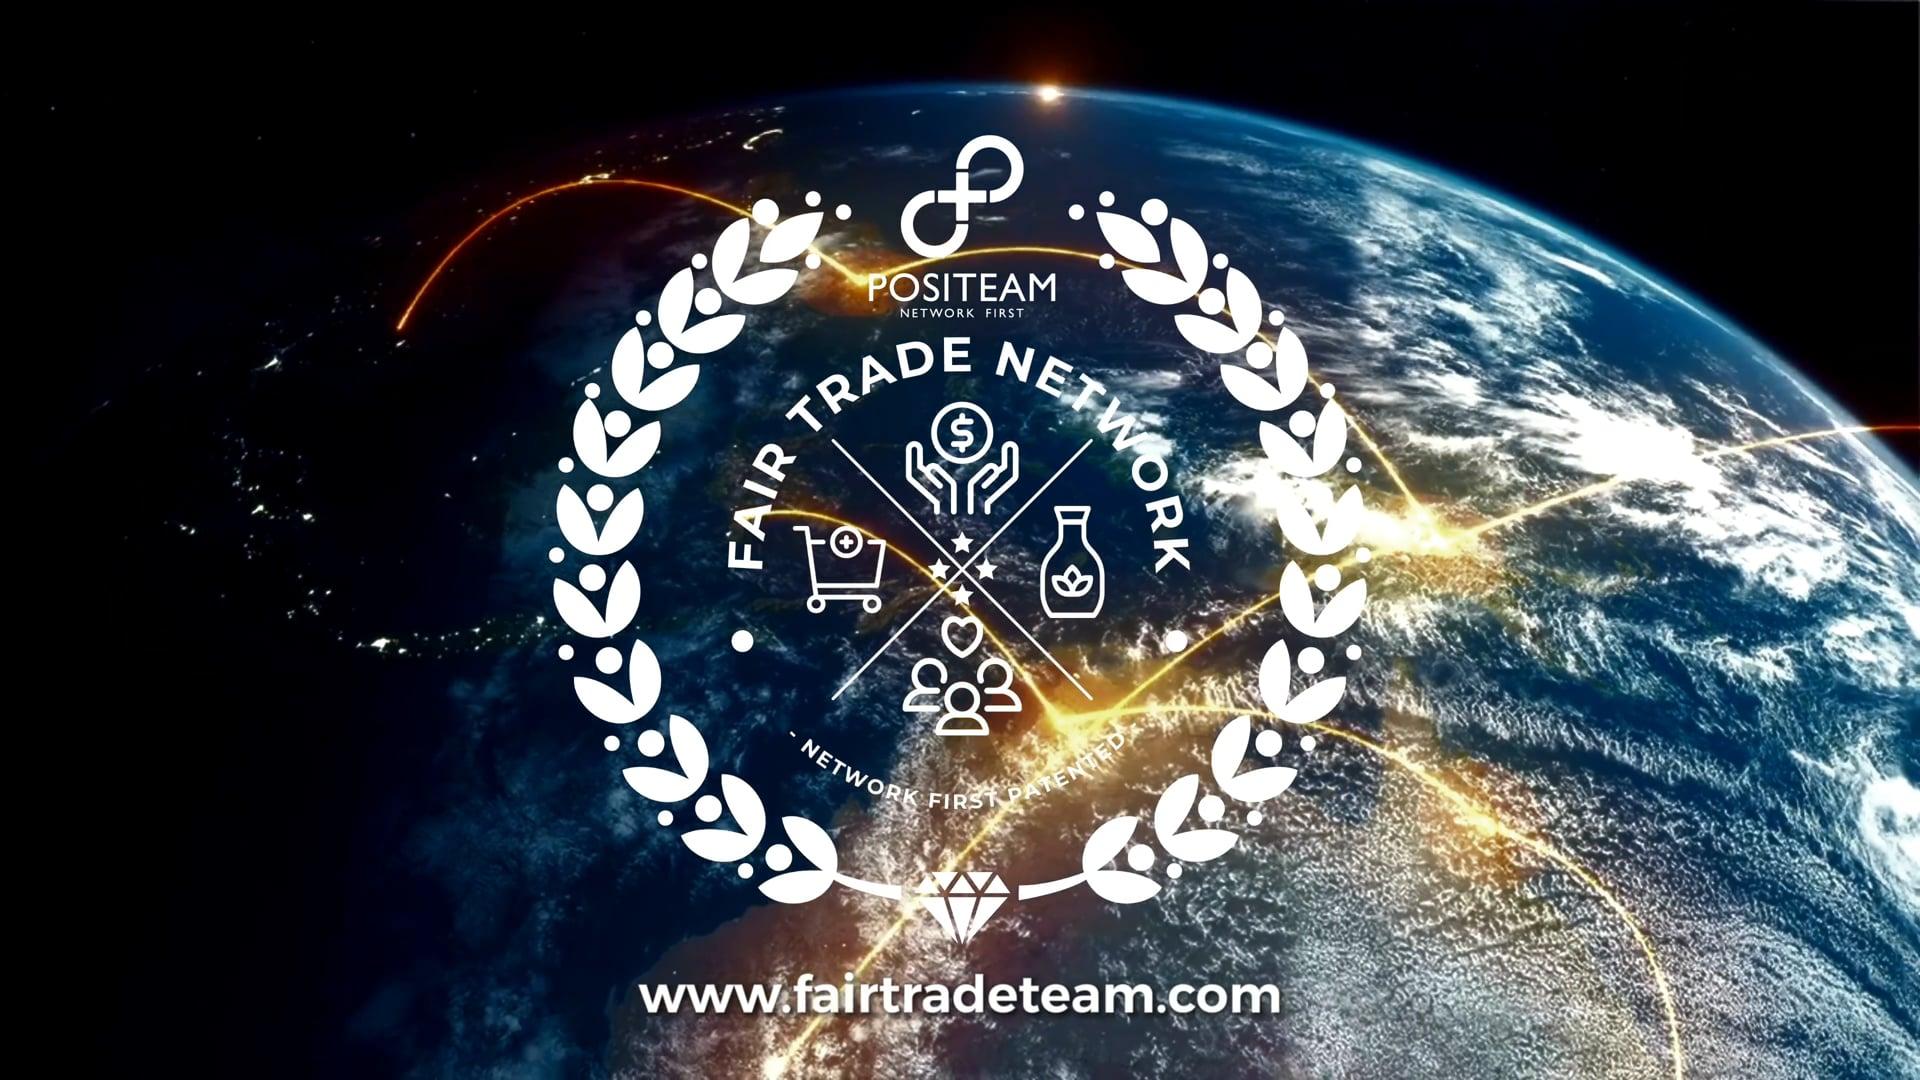 Positeam Fair Trade Network Magyarország - Exkluzív közösségi meghívás